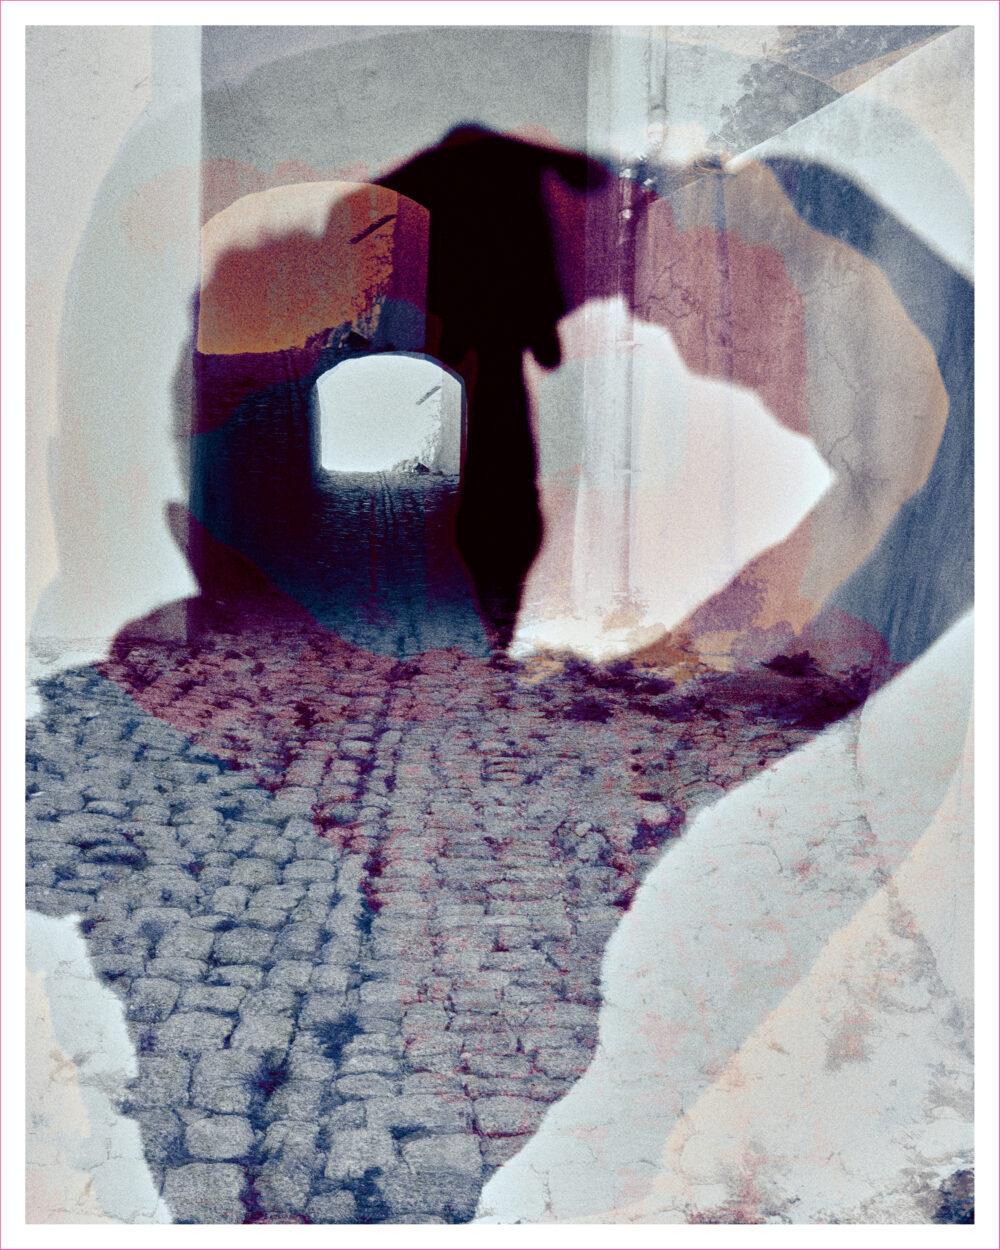 Me Again Cedric Tehran galerie bel'arti